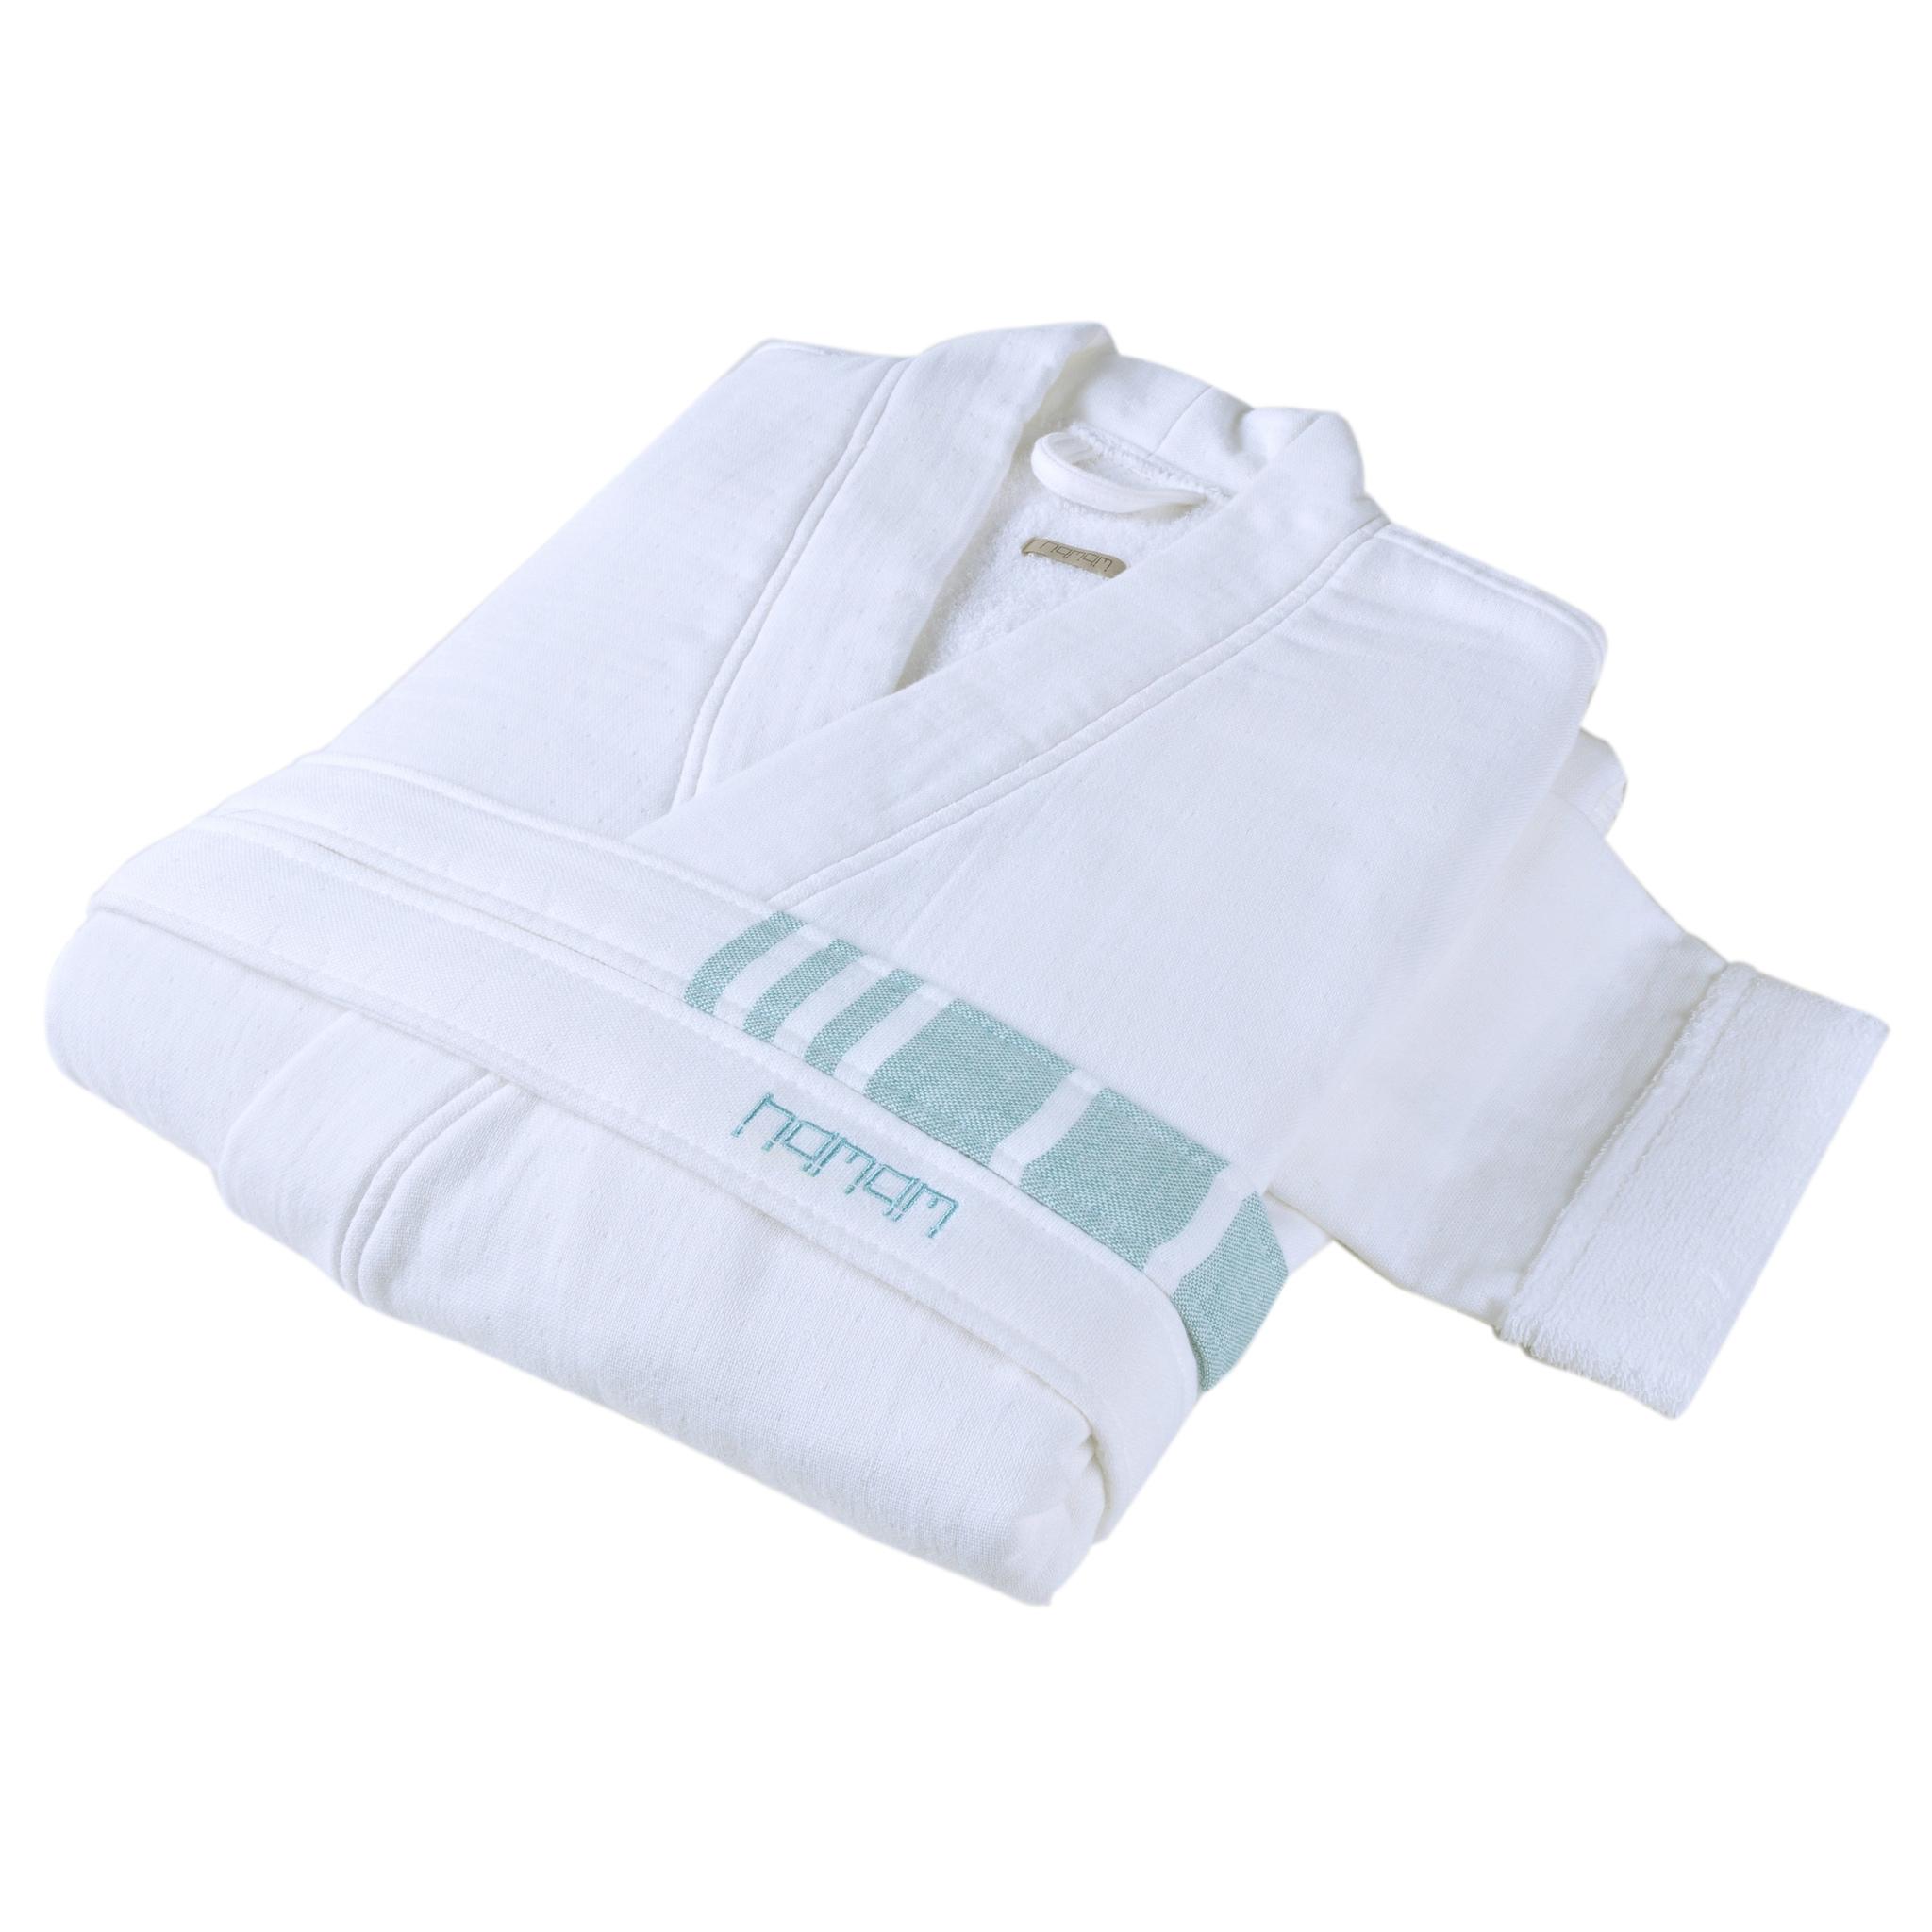 Элитный халат хлопковый Marine Striped белый с голубым от Hamam